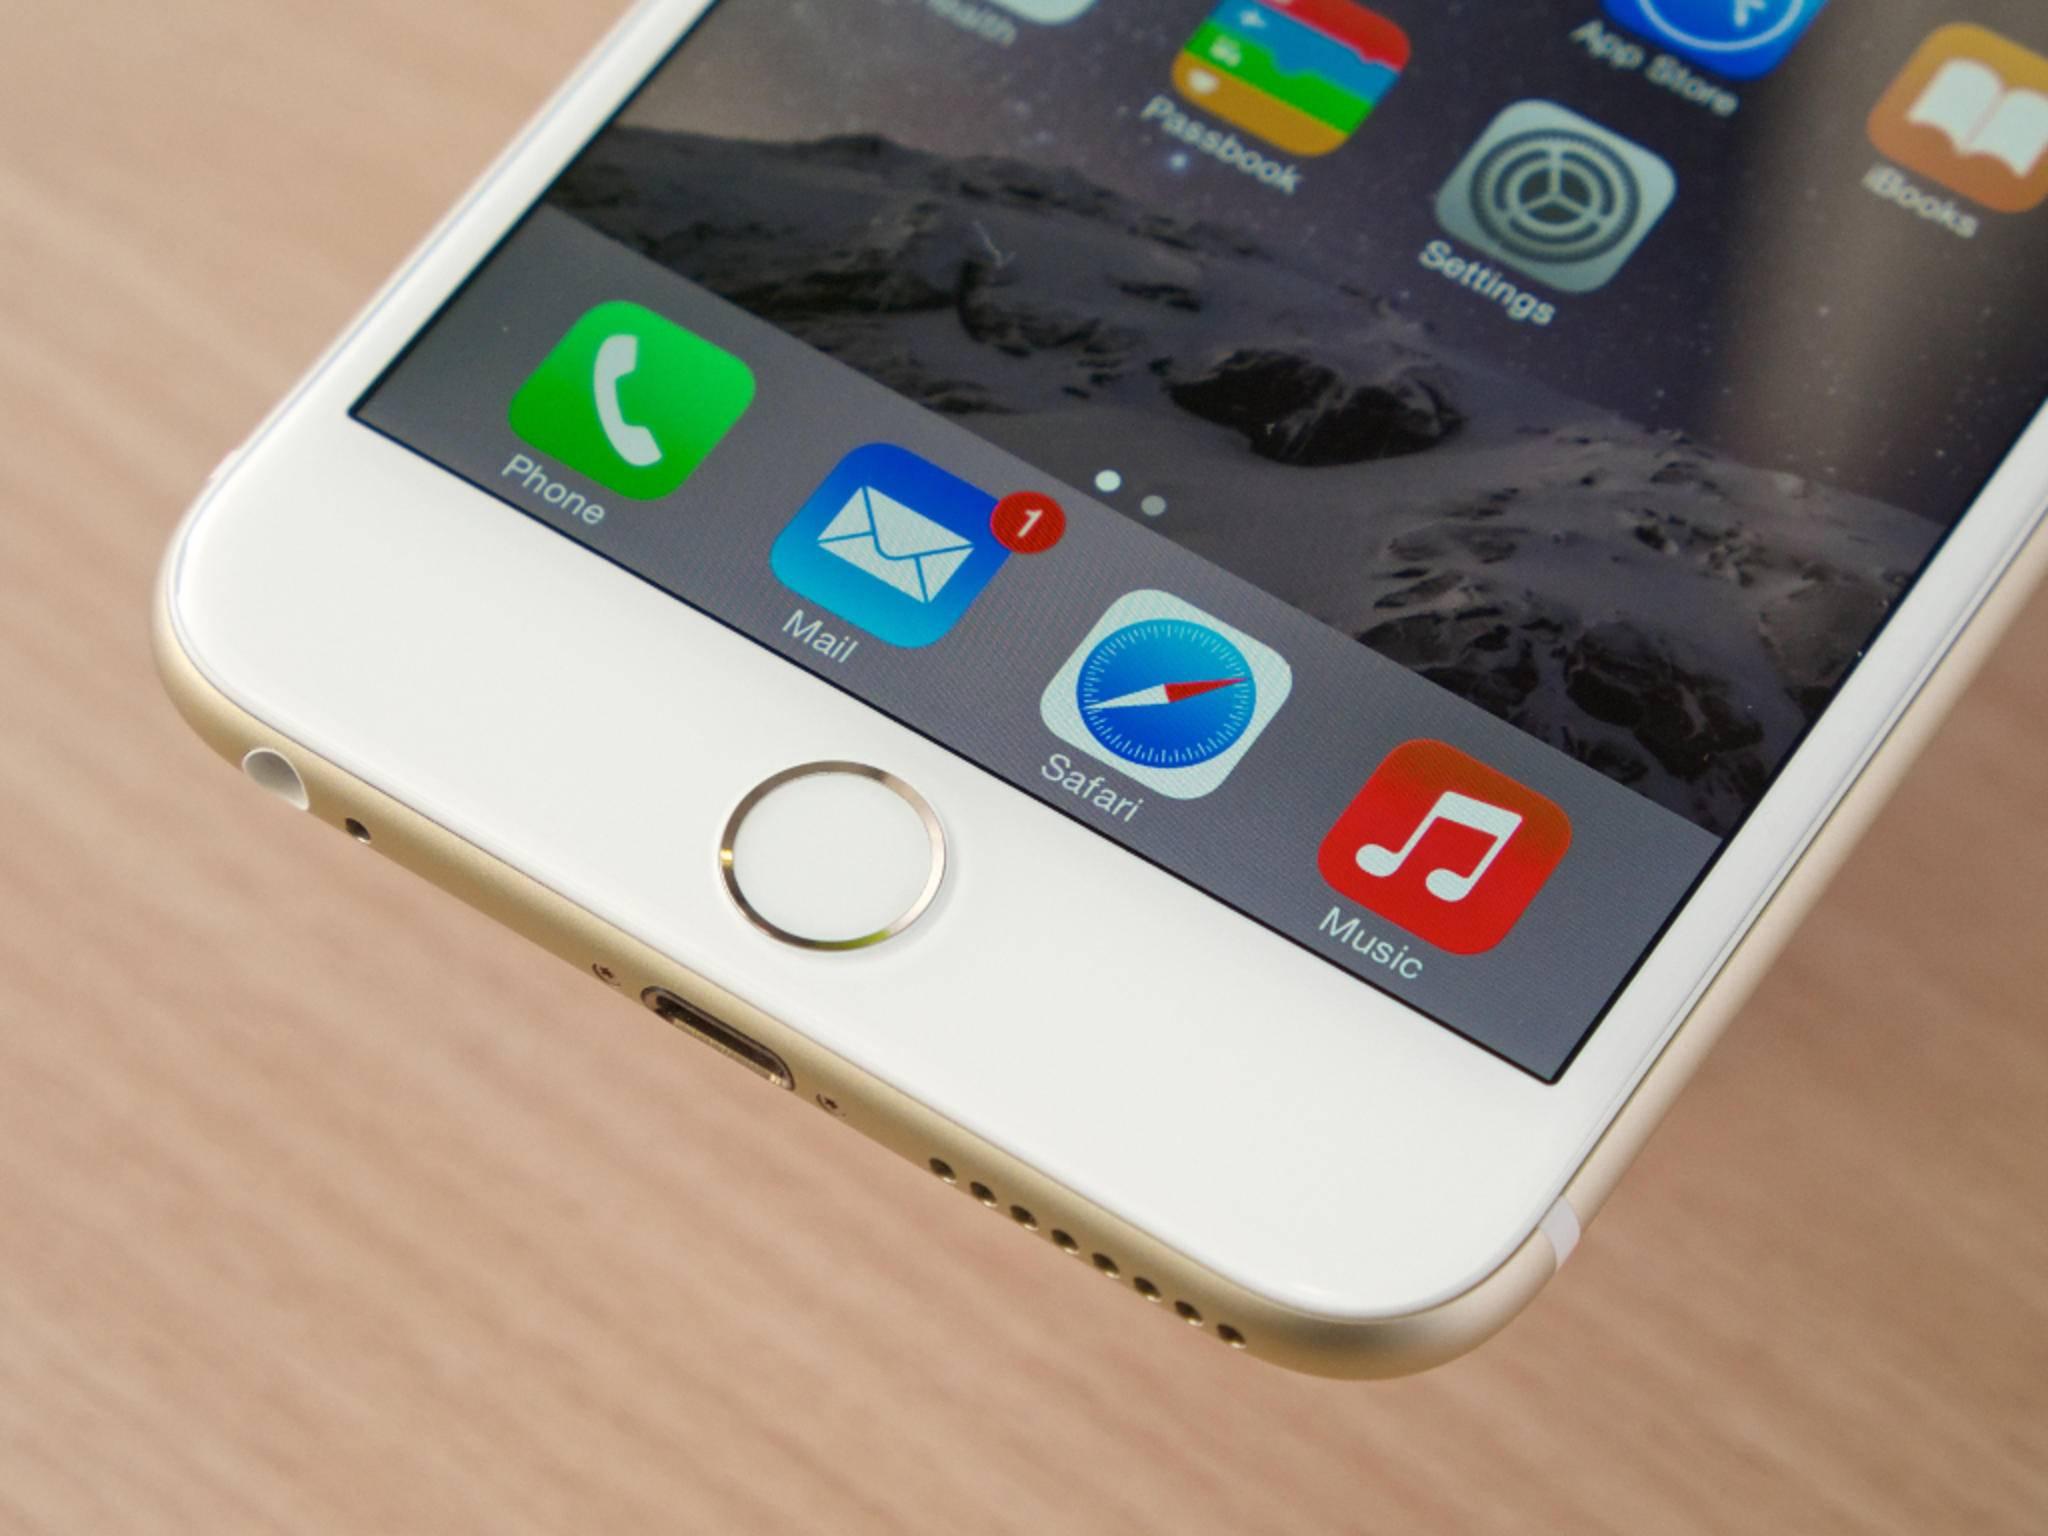 Beim iPhone 6 Plus reagiert Touch ID nur auf das Auflegen des Fingers.